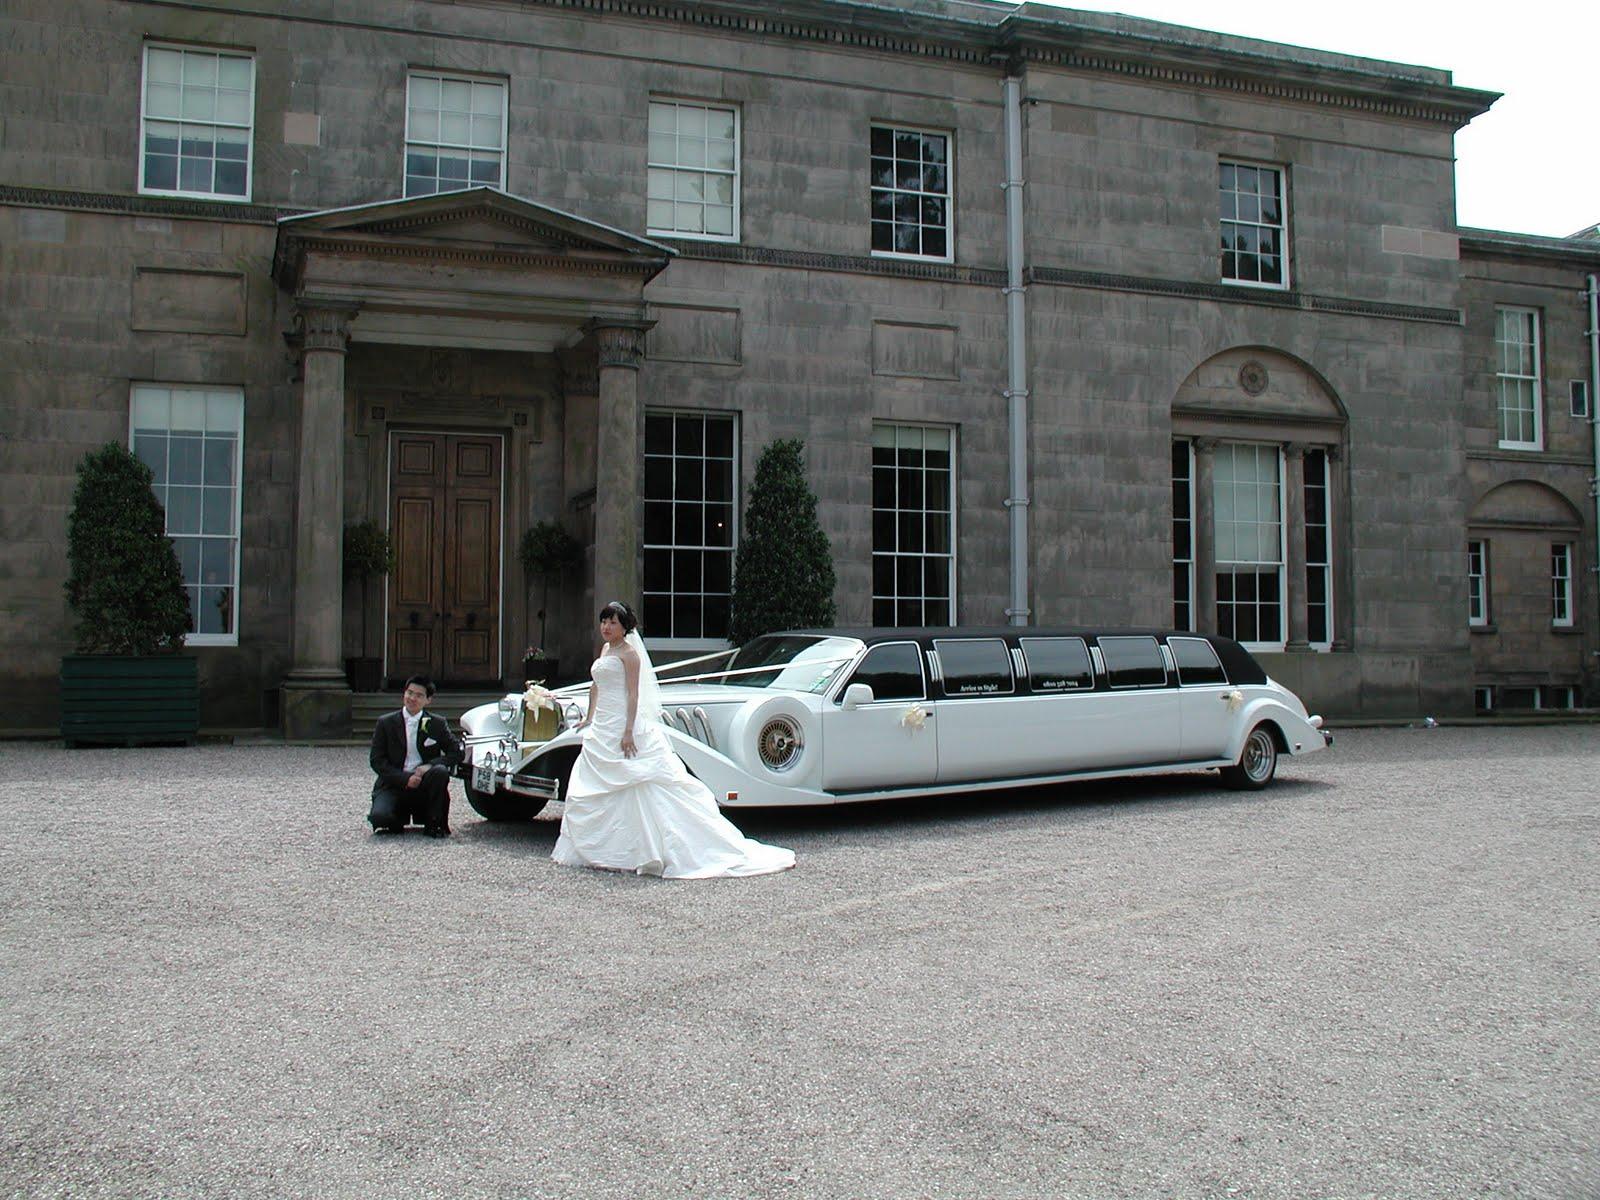 10 lugares m s originales para organizar una boda 10puntos - Lugares originales para casarse ...